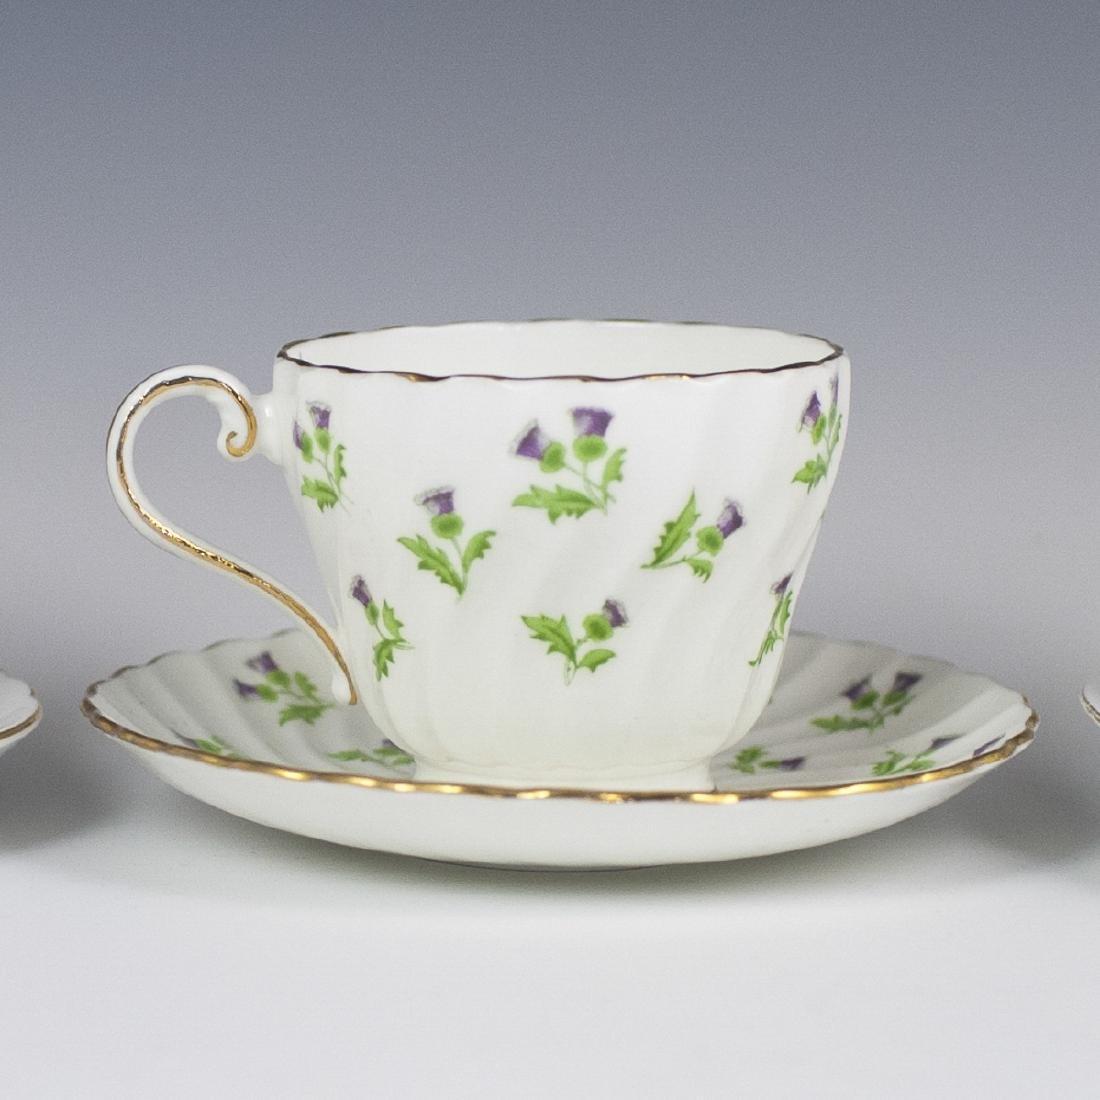 Vintage Porcelain Tea Cups - 8